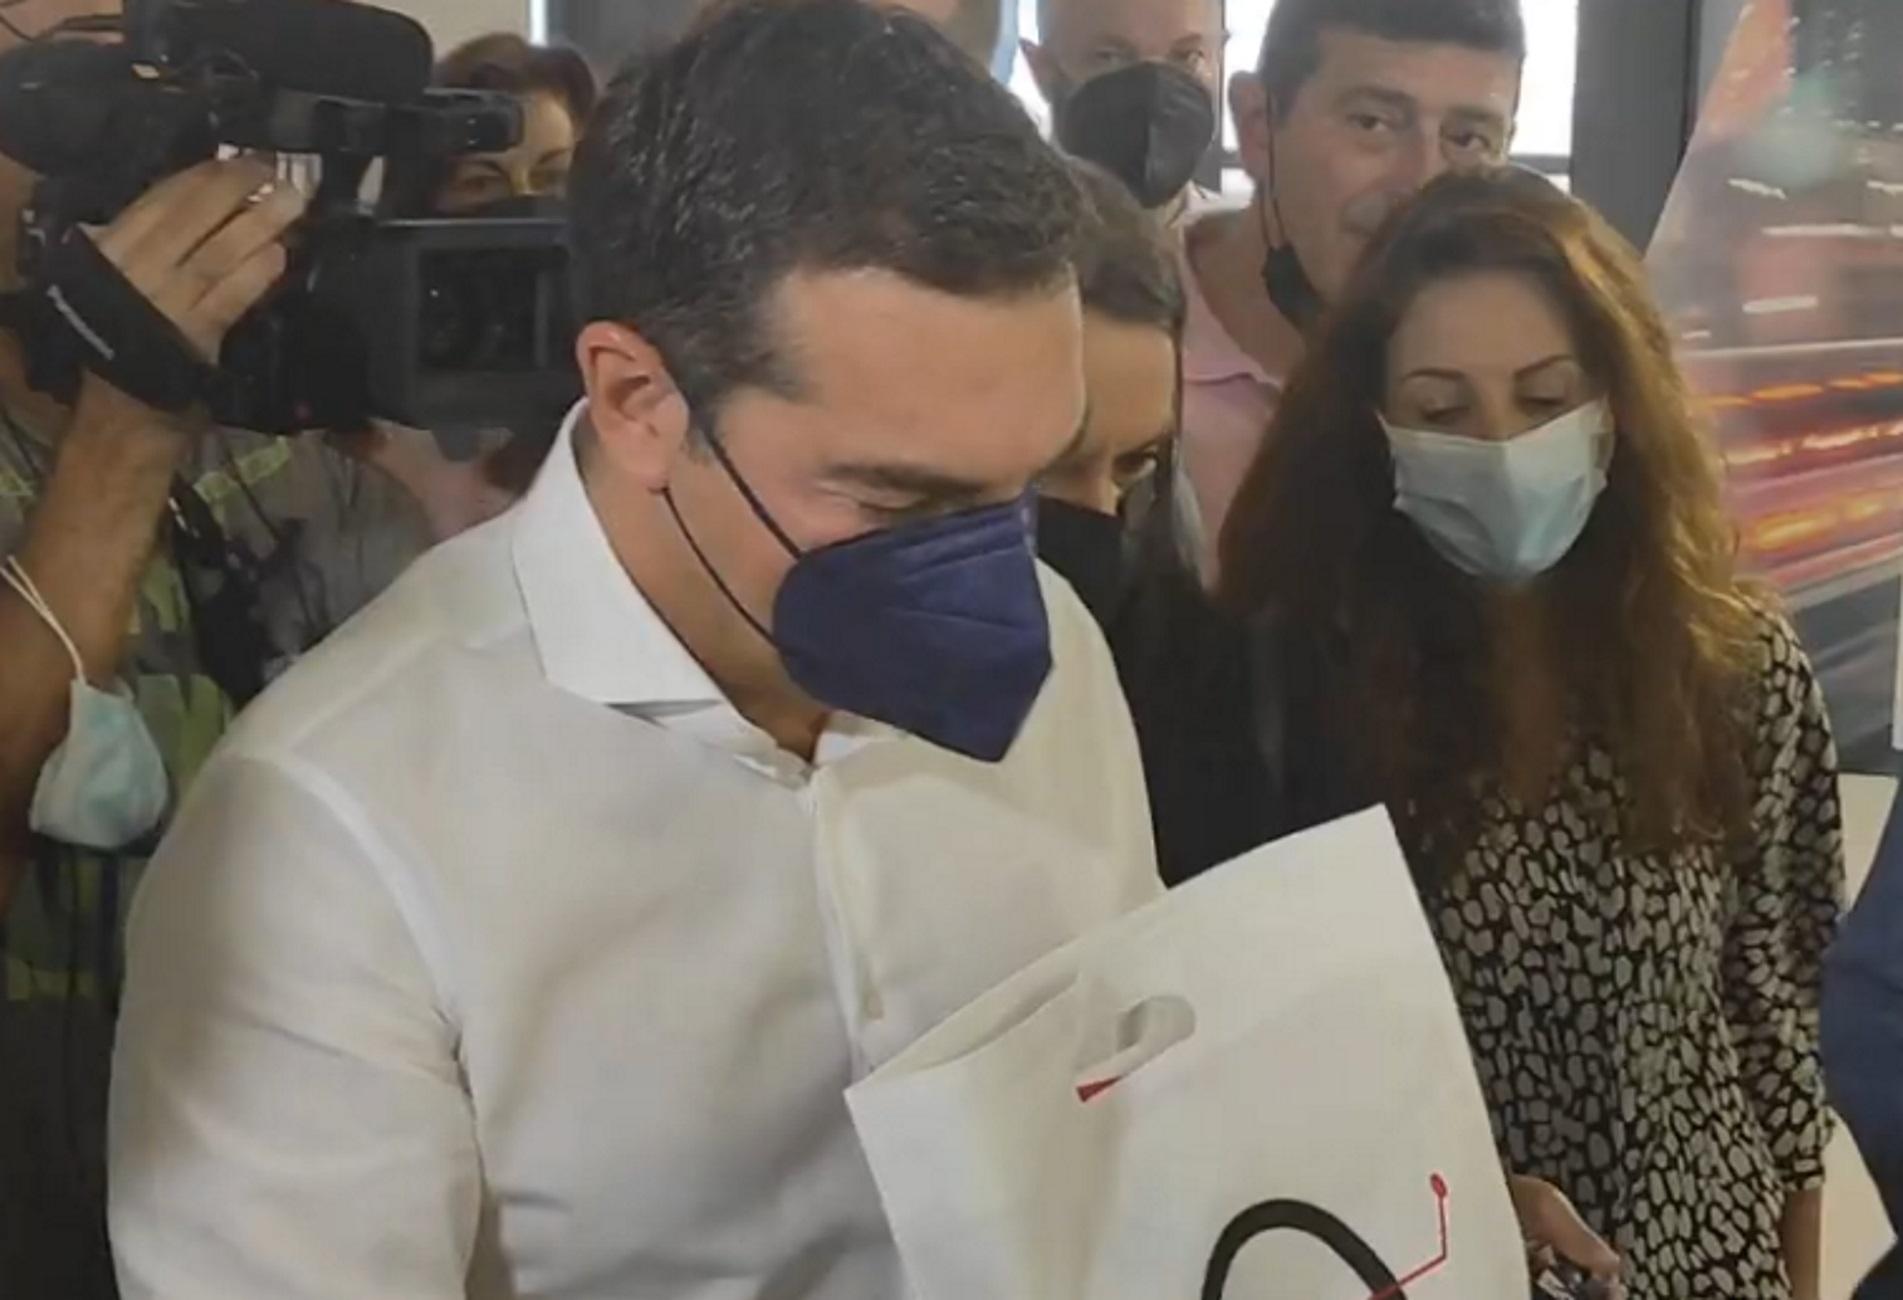 Αλέξης Τσίπρας: Τα χαμόγελα για το Μετρό Θεσσαλονίκης και η ερώτηση για τον ΠΑΟΚ στη ΔΕΘ